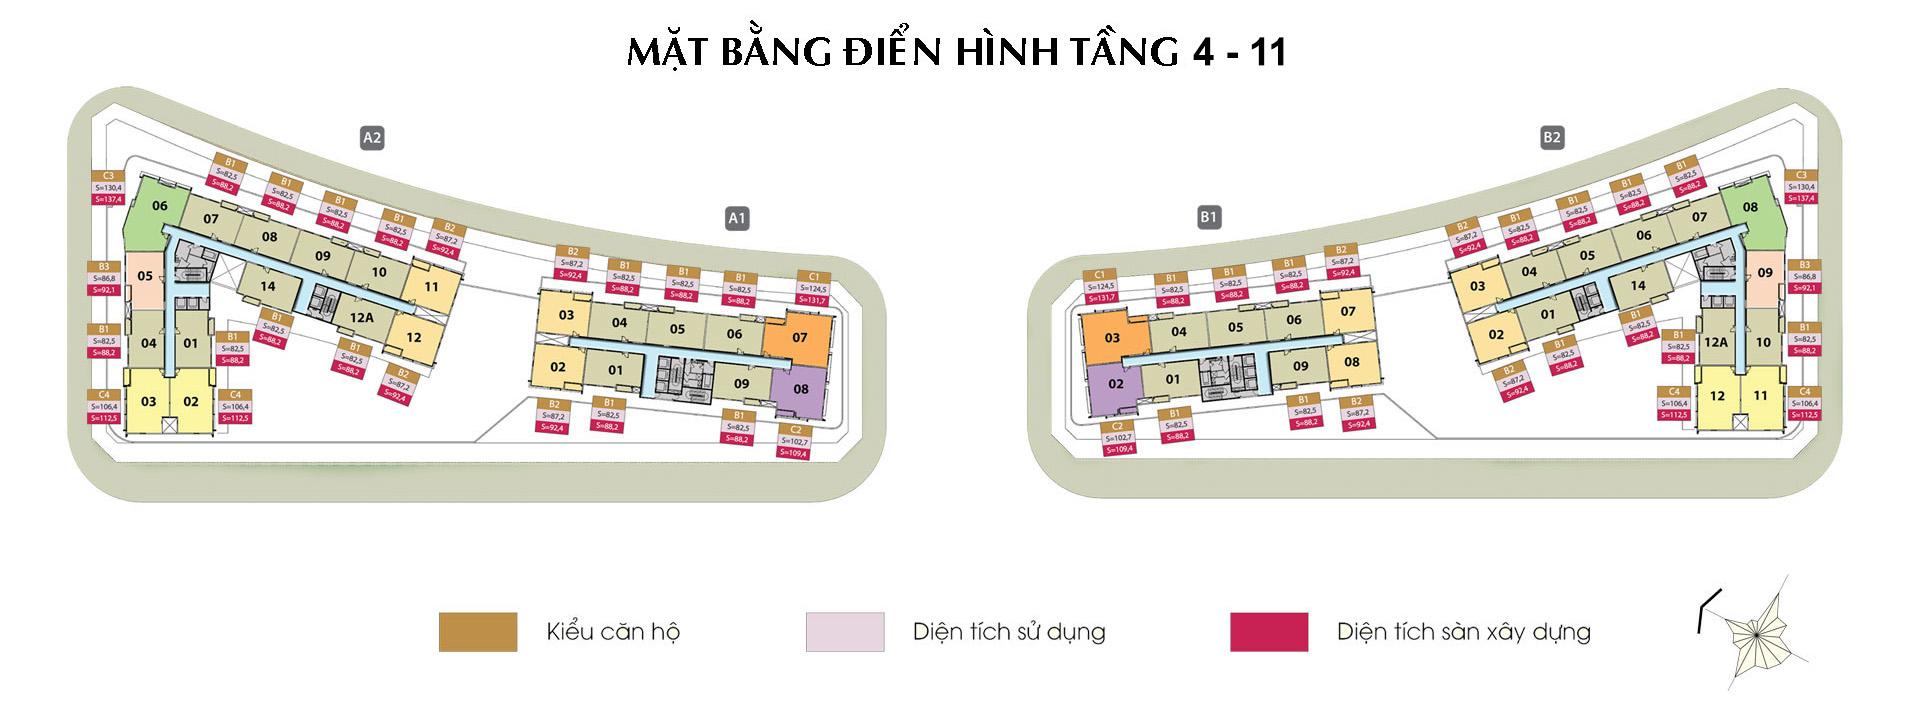 Sarimi-mat-bang-tang-4-11